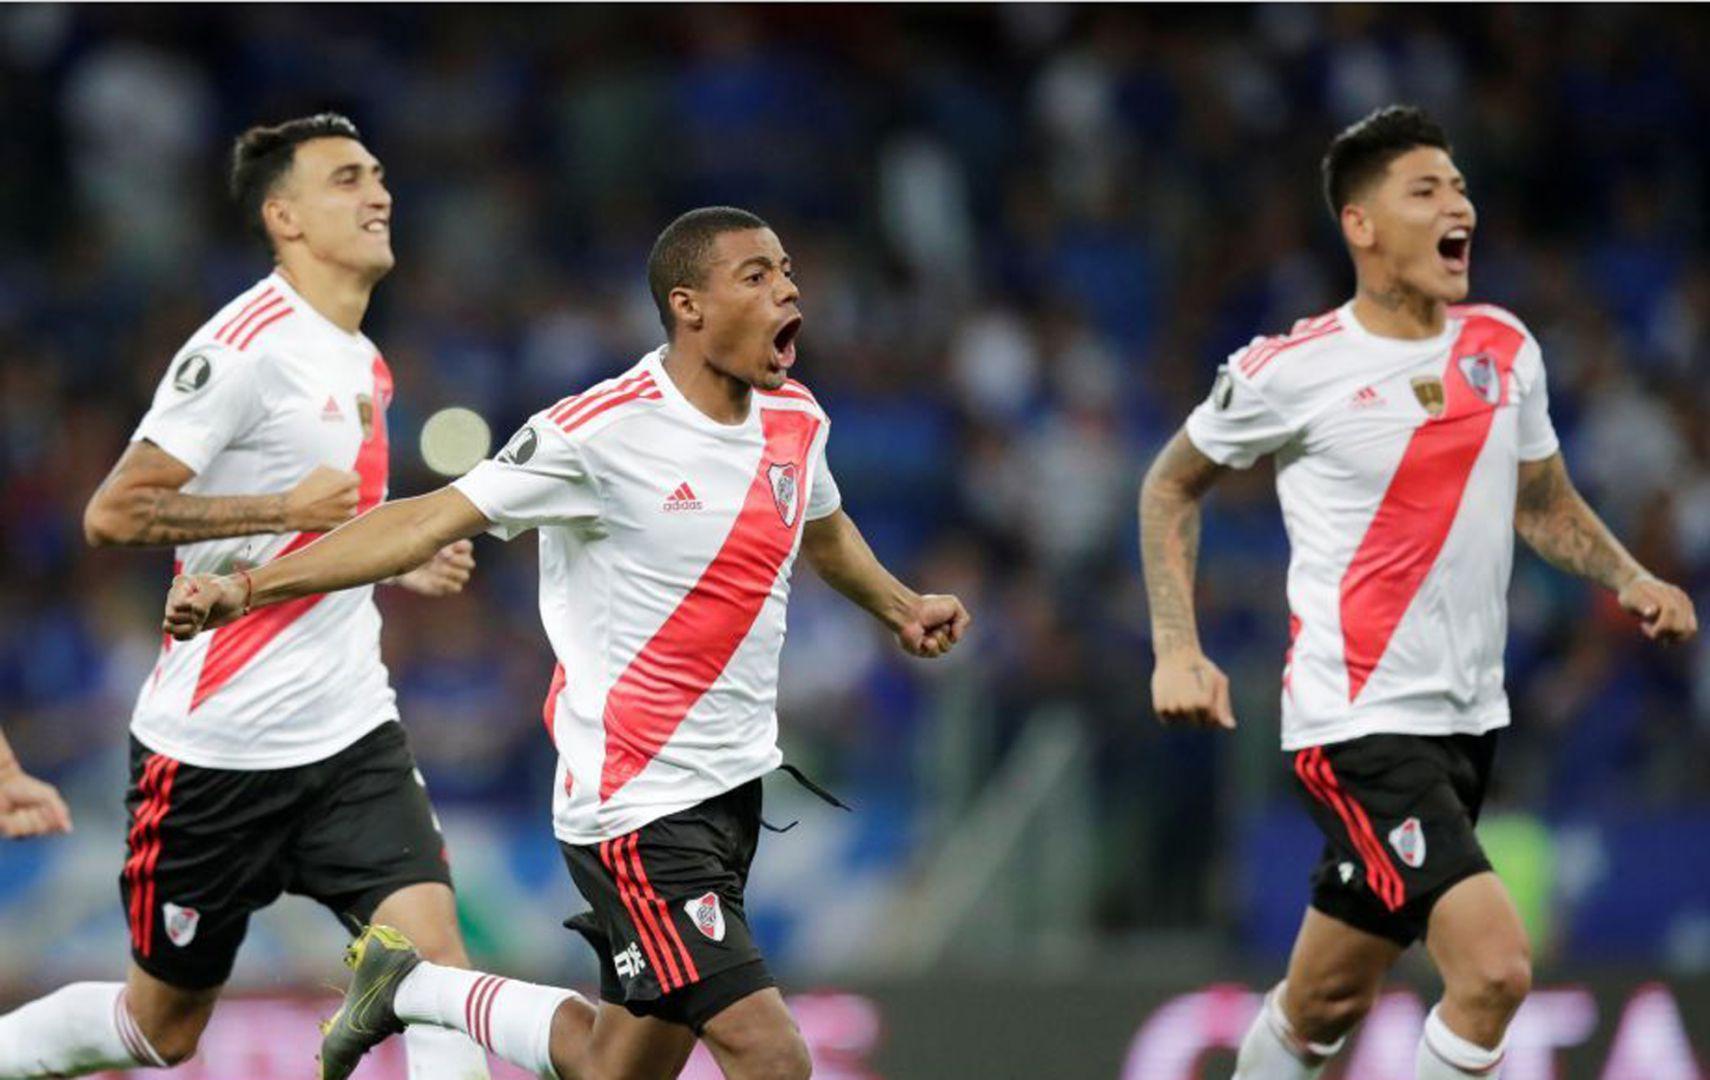 EN VIVO: Con dos goles de penal, River le gana Cerro Porteño y viaja tranquilo a Paraguay